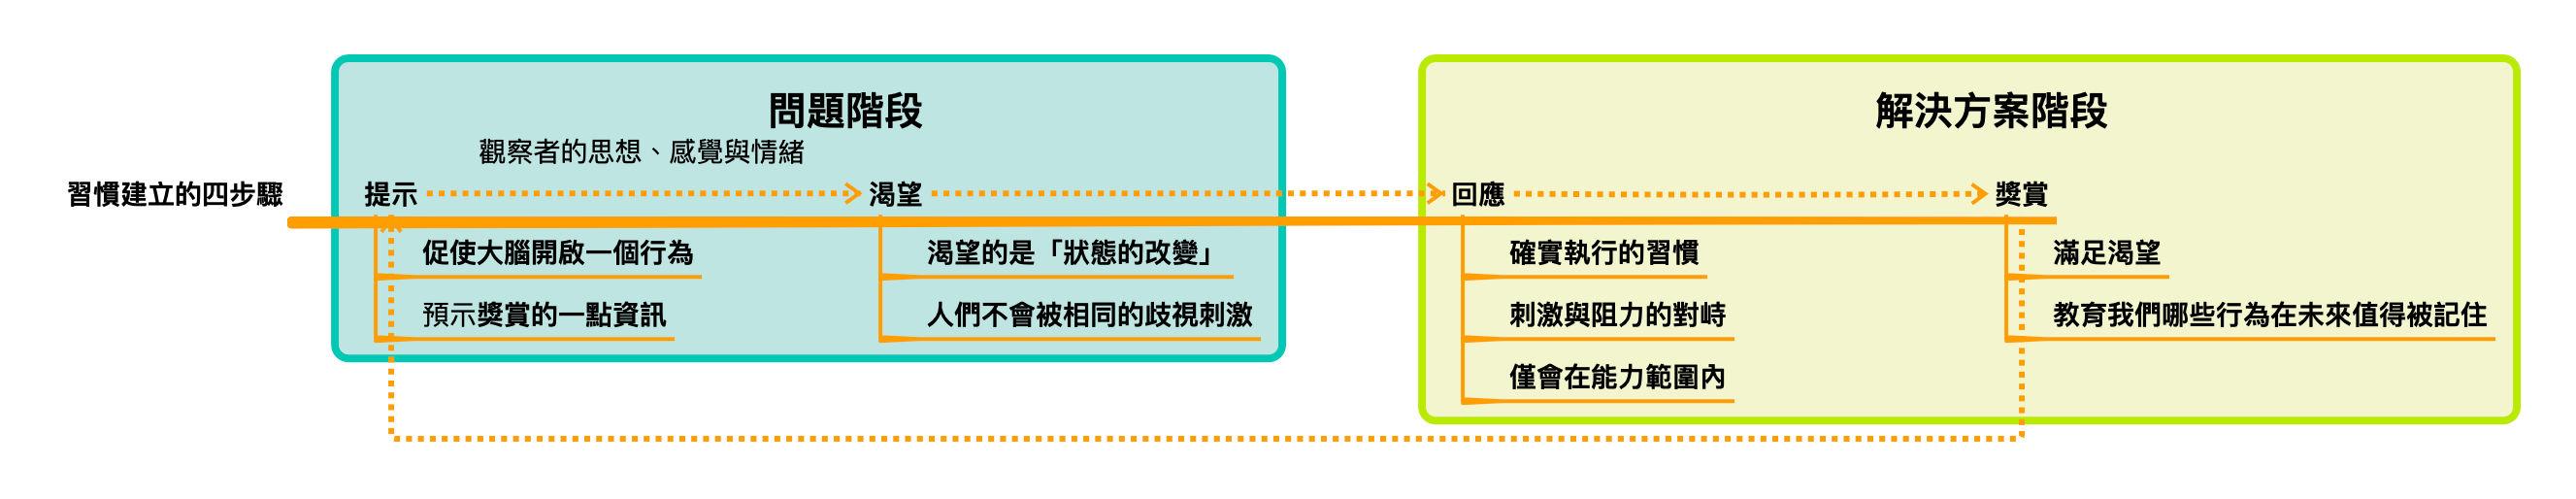 習慣建立的四個步驟,整理自《原子習慣》